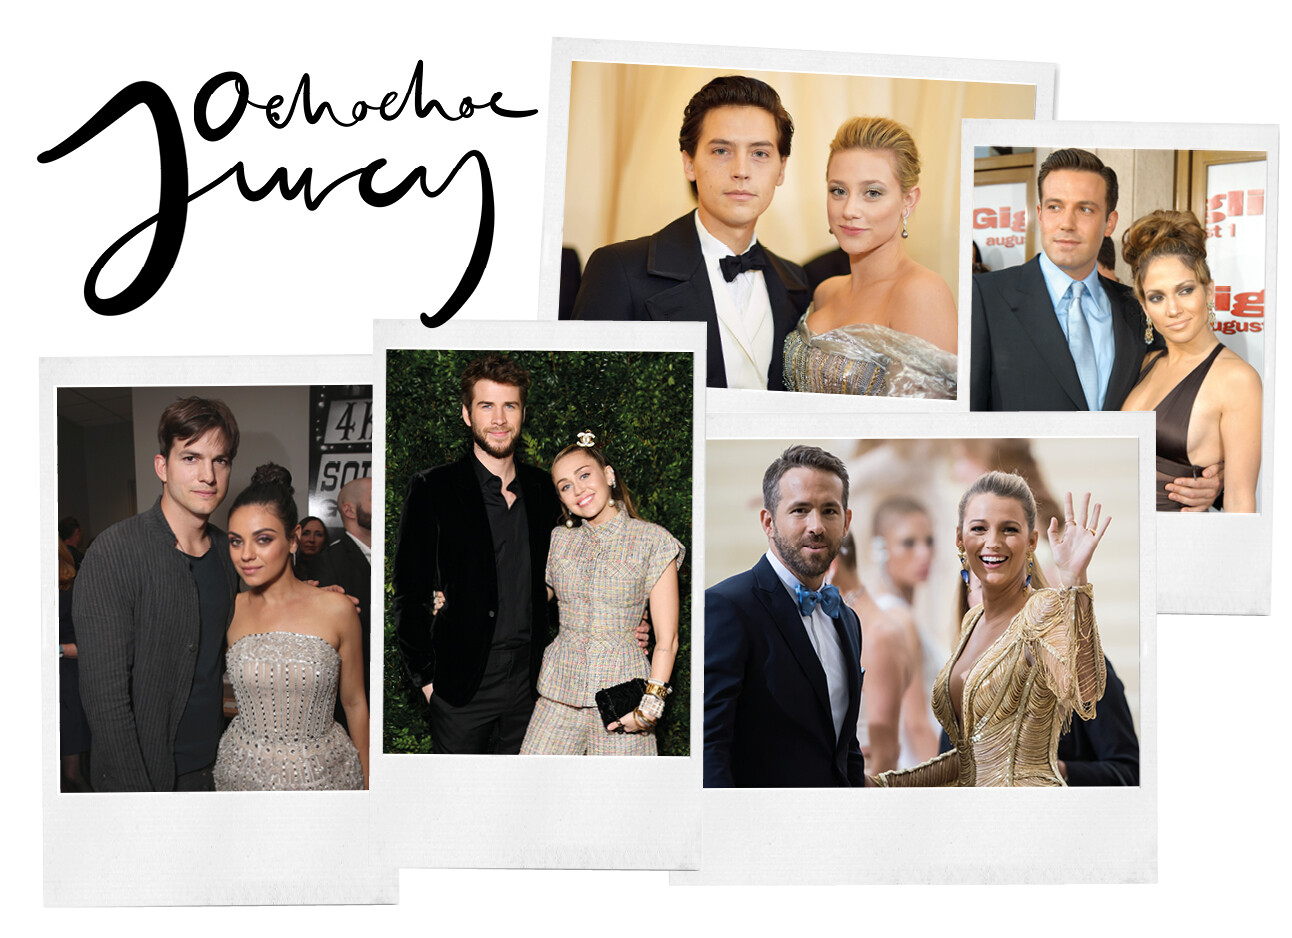 celebrities die er met hun coster vandoor gingen